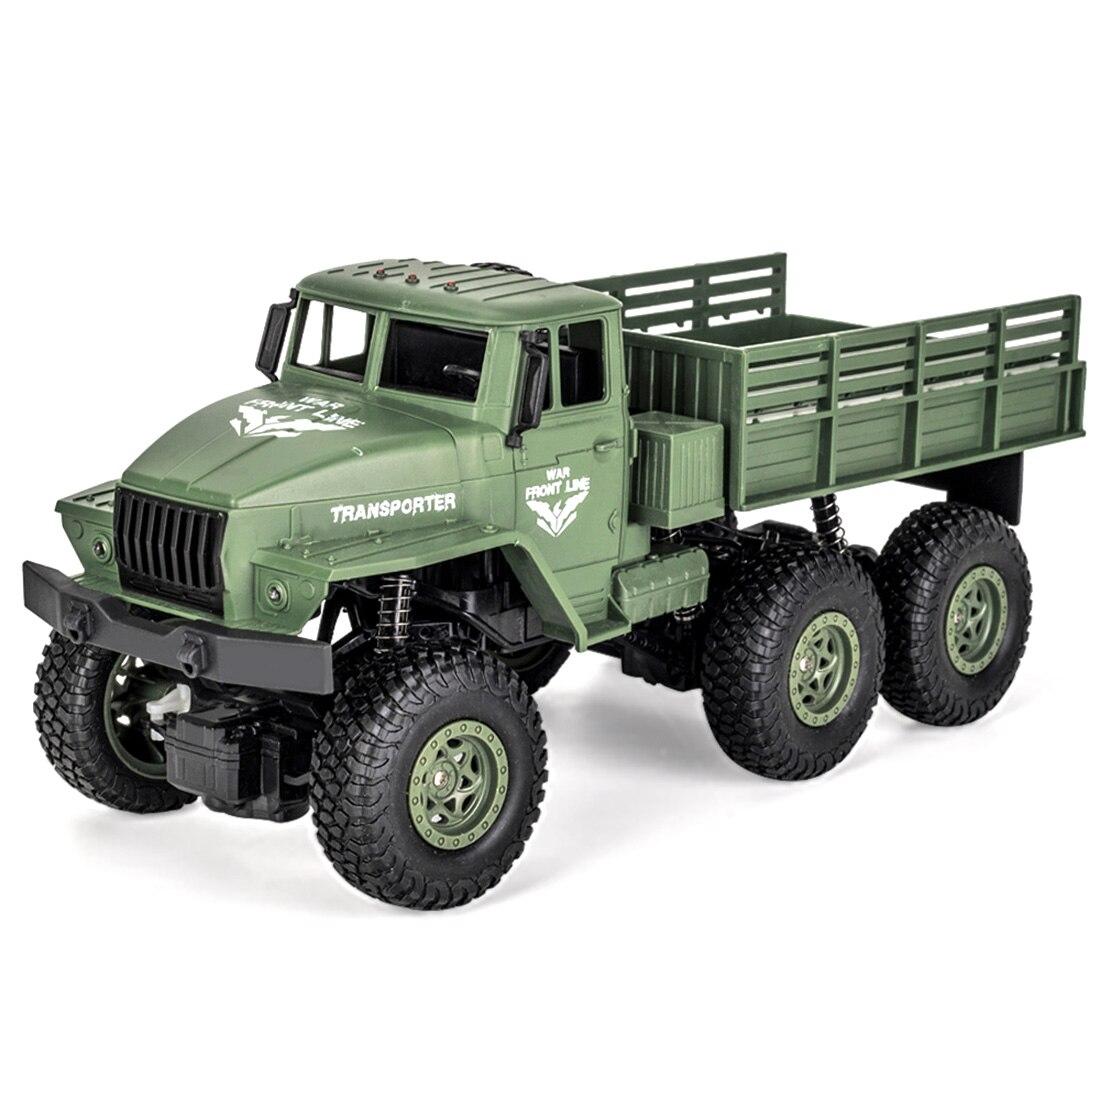 1:18 2,4G 10км/ч RC военный грузовик RC шесть колесо грузового автомобиля дистанционного Управление игрушка для детей Dongfeng № 7 зеленый